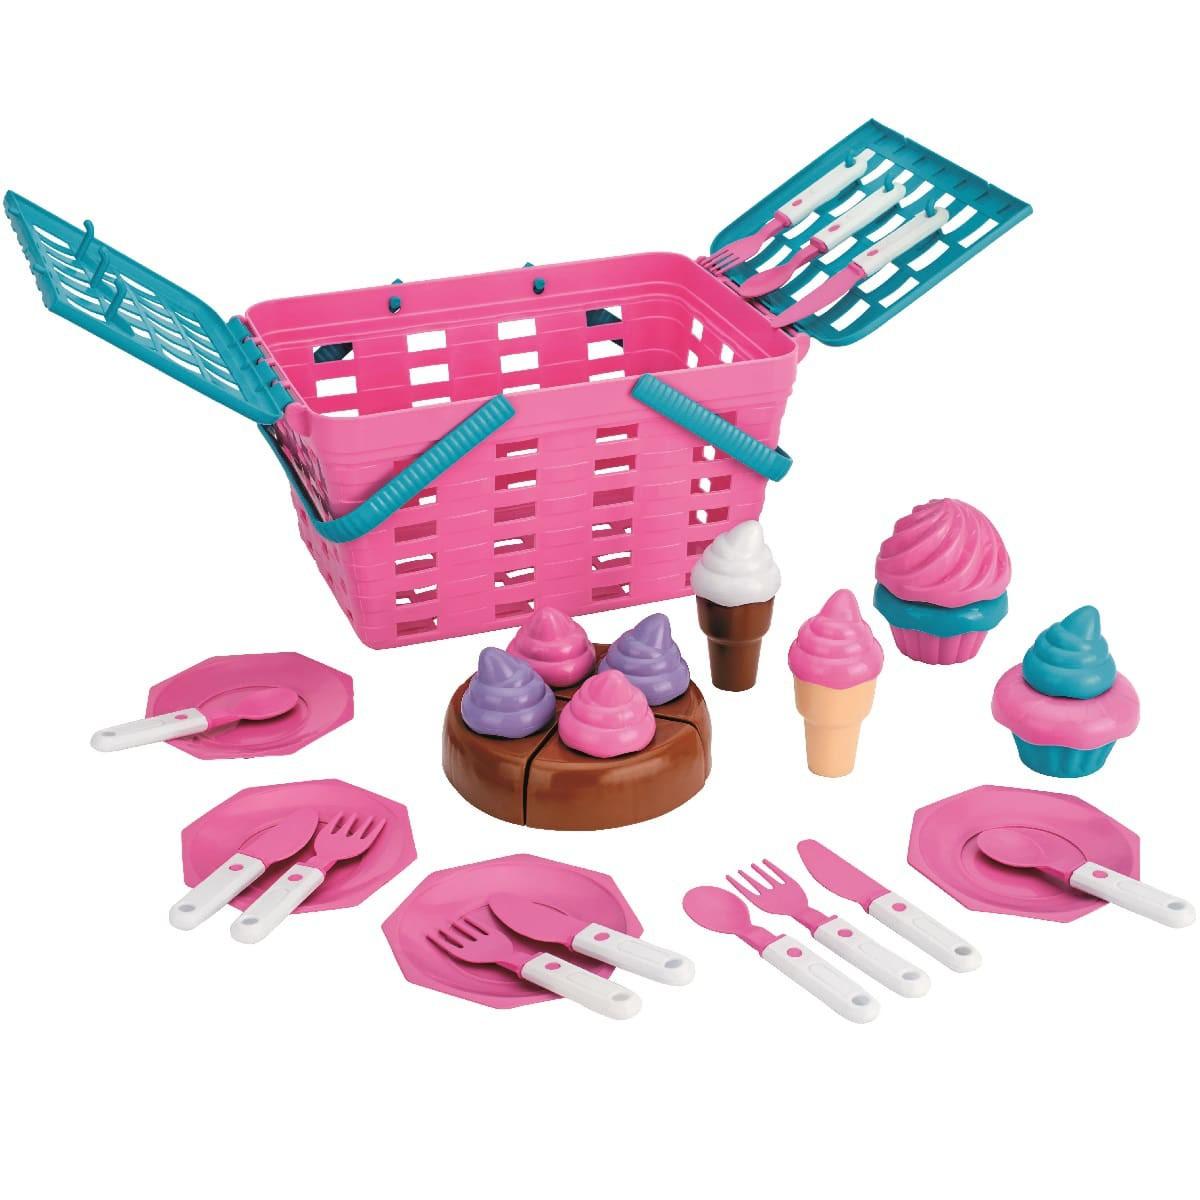 Cesta de doces Kit Cake com acessórios